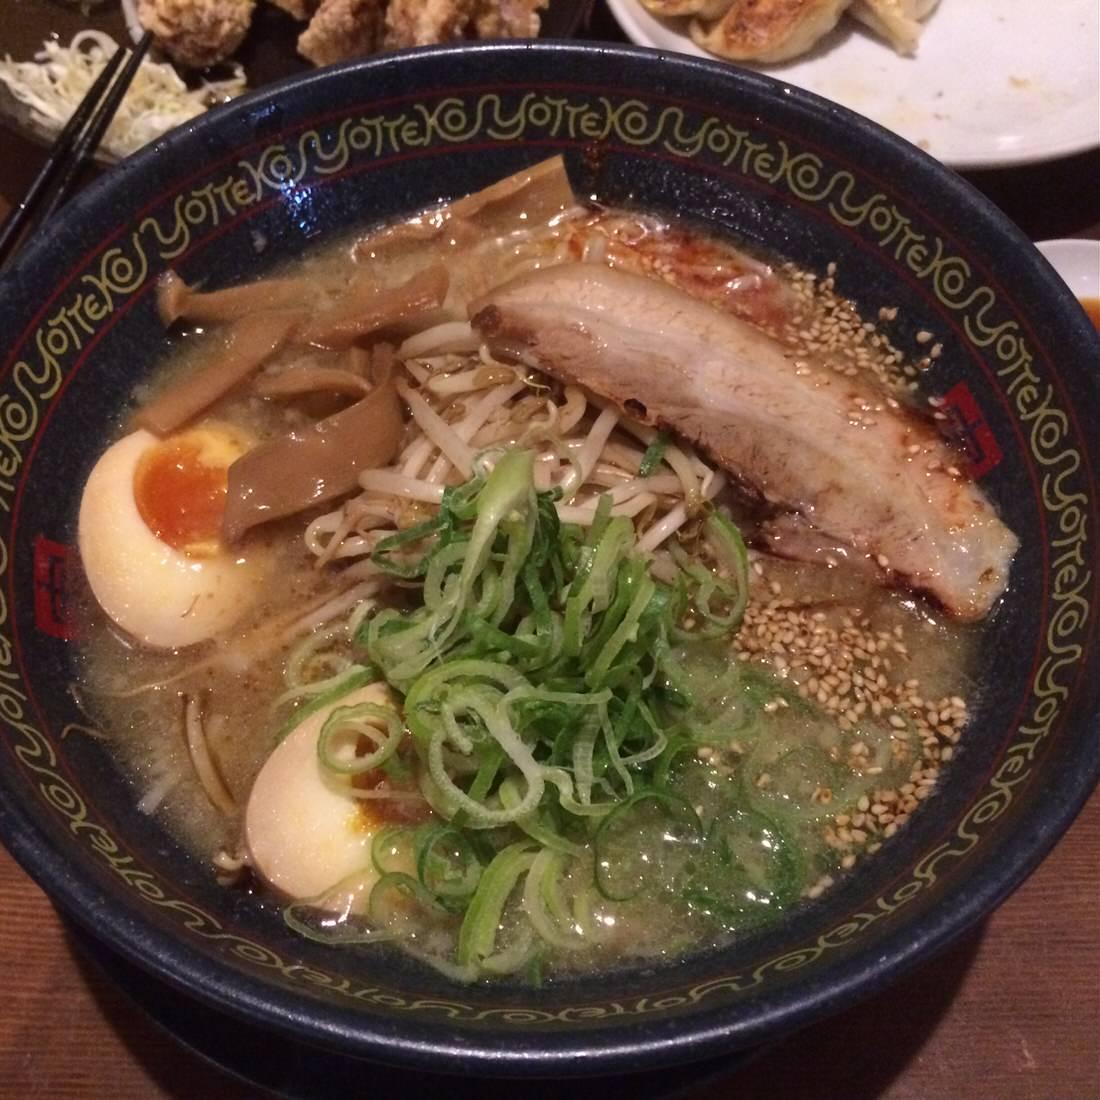 岡崎市・よってこやの醤油とんこつラーメンはまさにハイブリットな味わい!